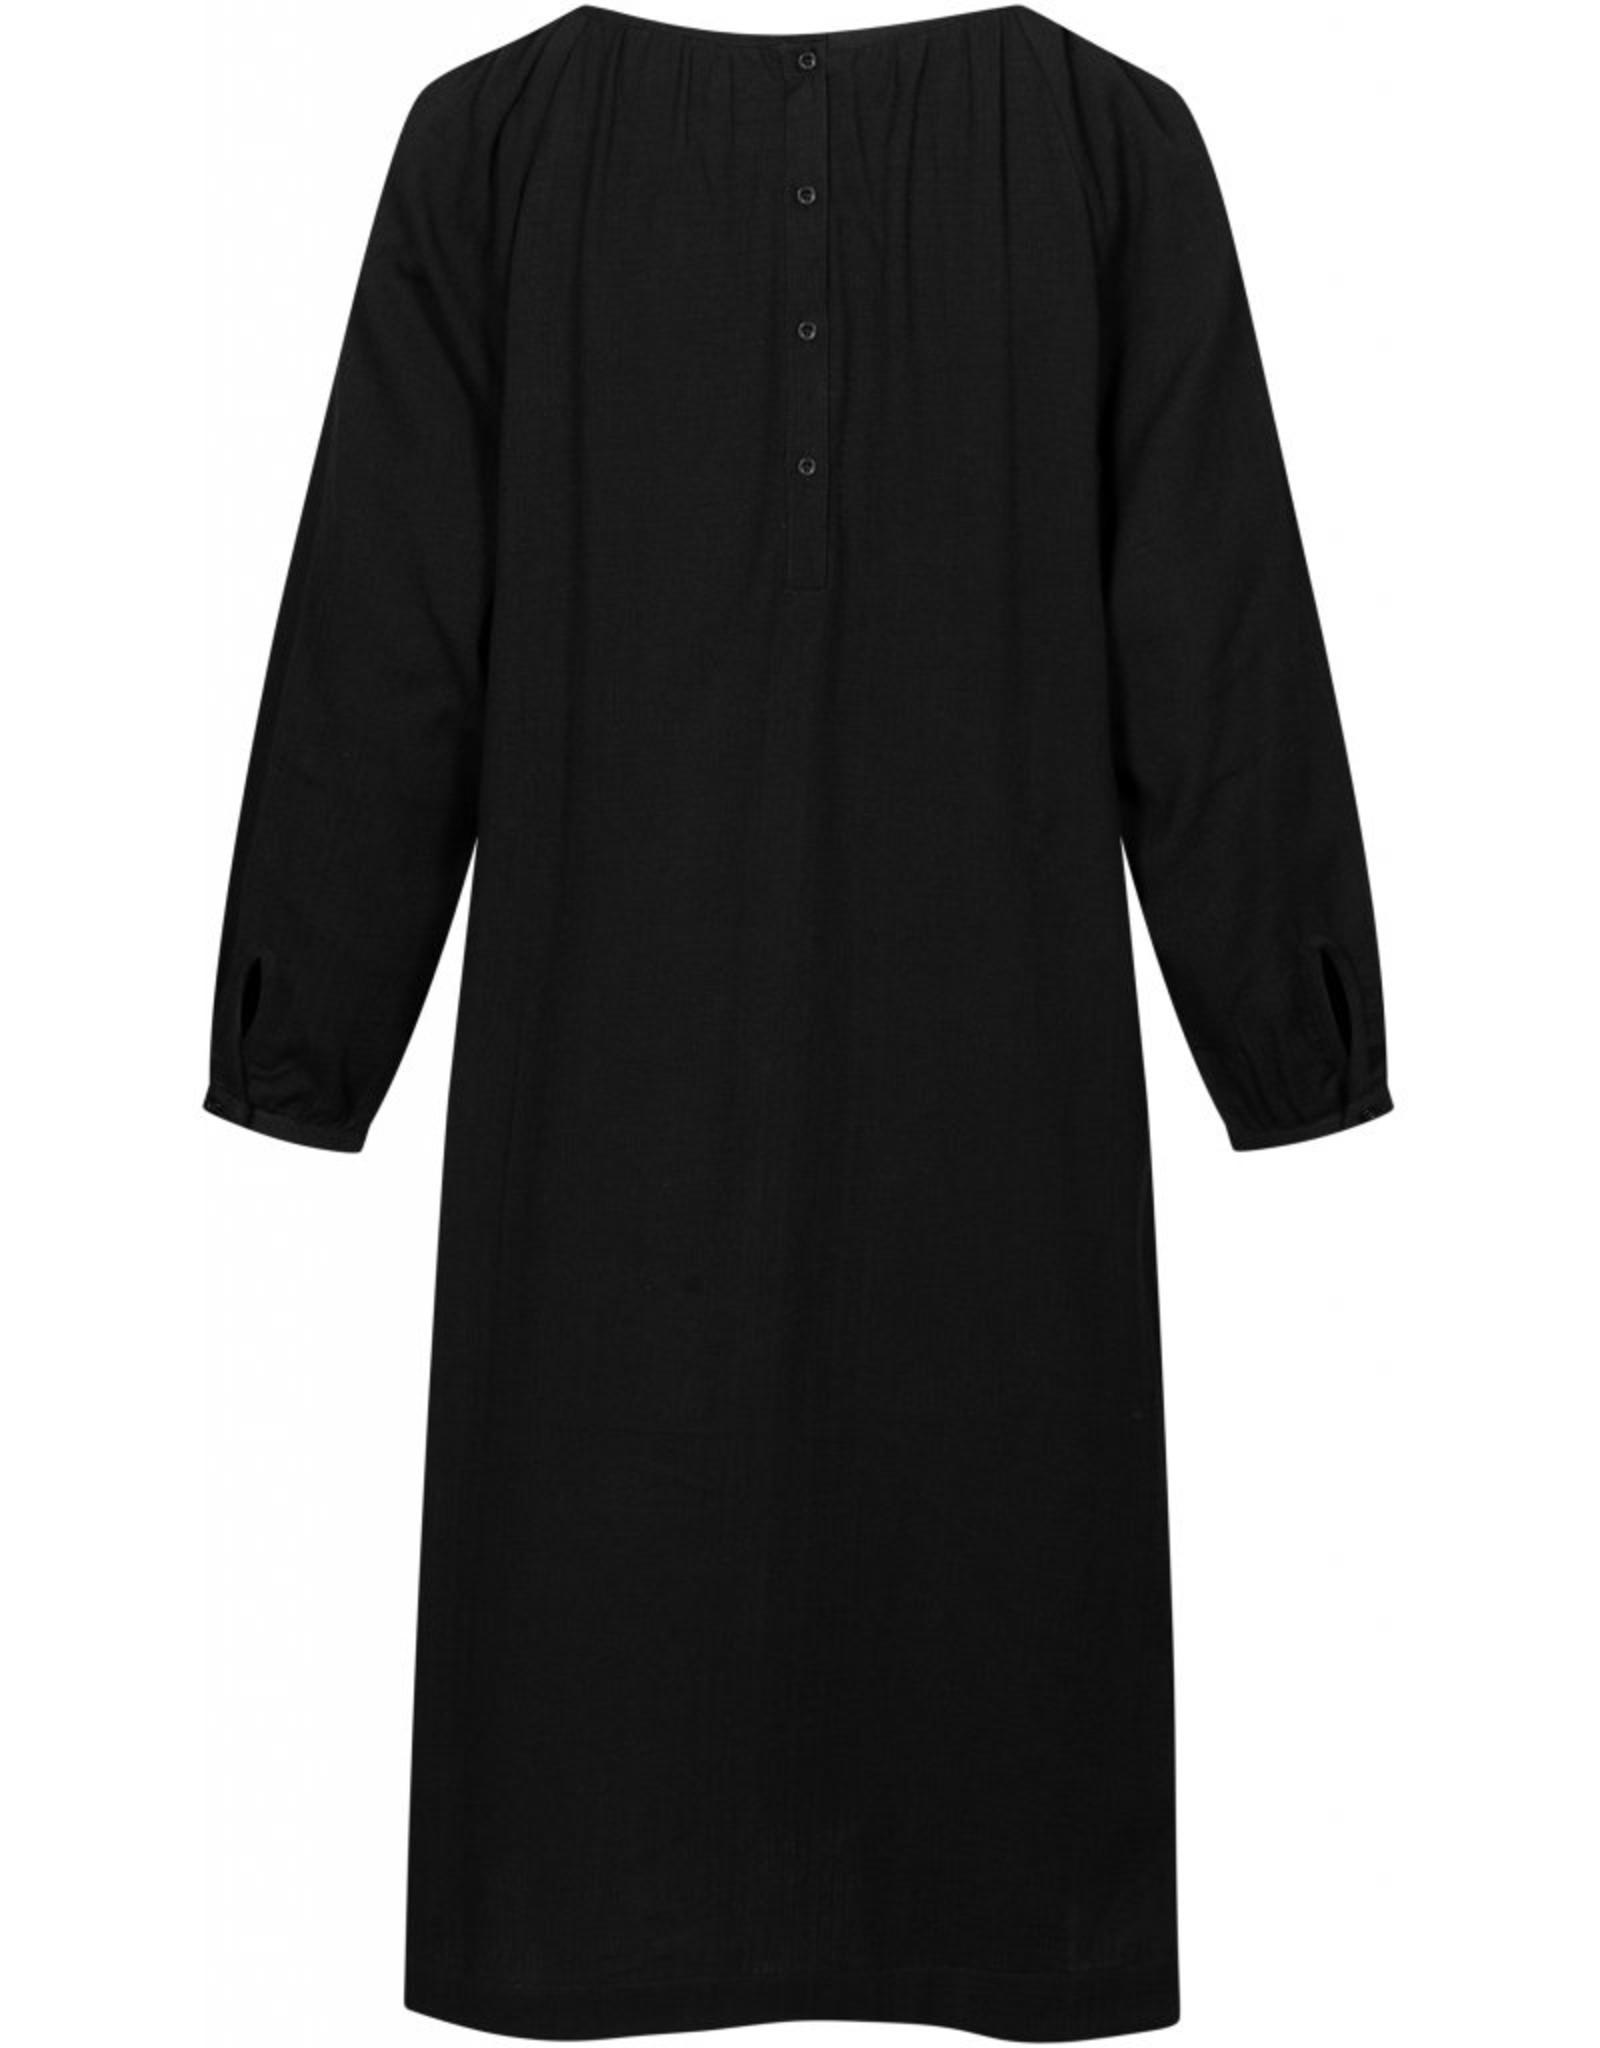 Gai&Lisva Ea jurk zwart - katoen